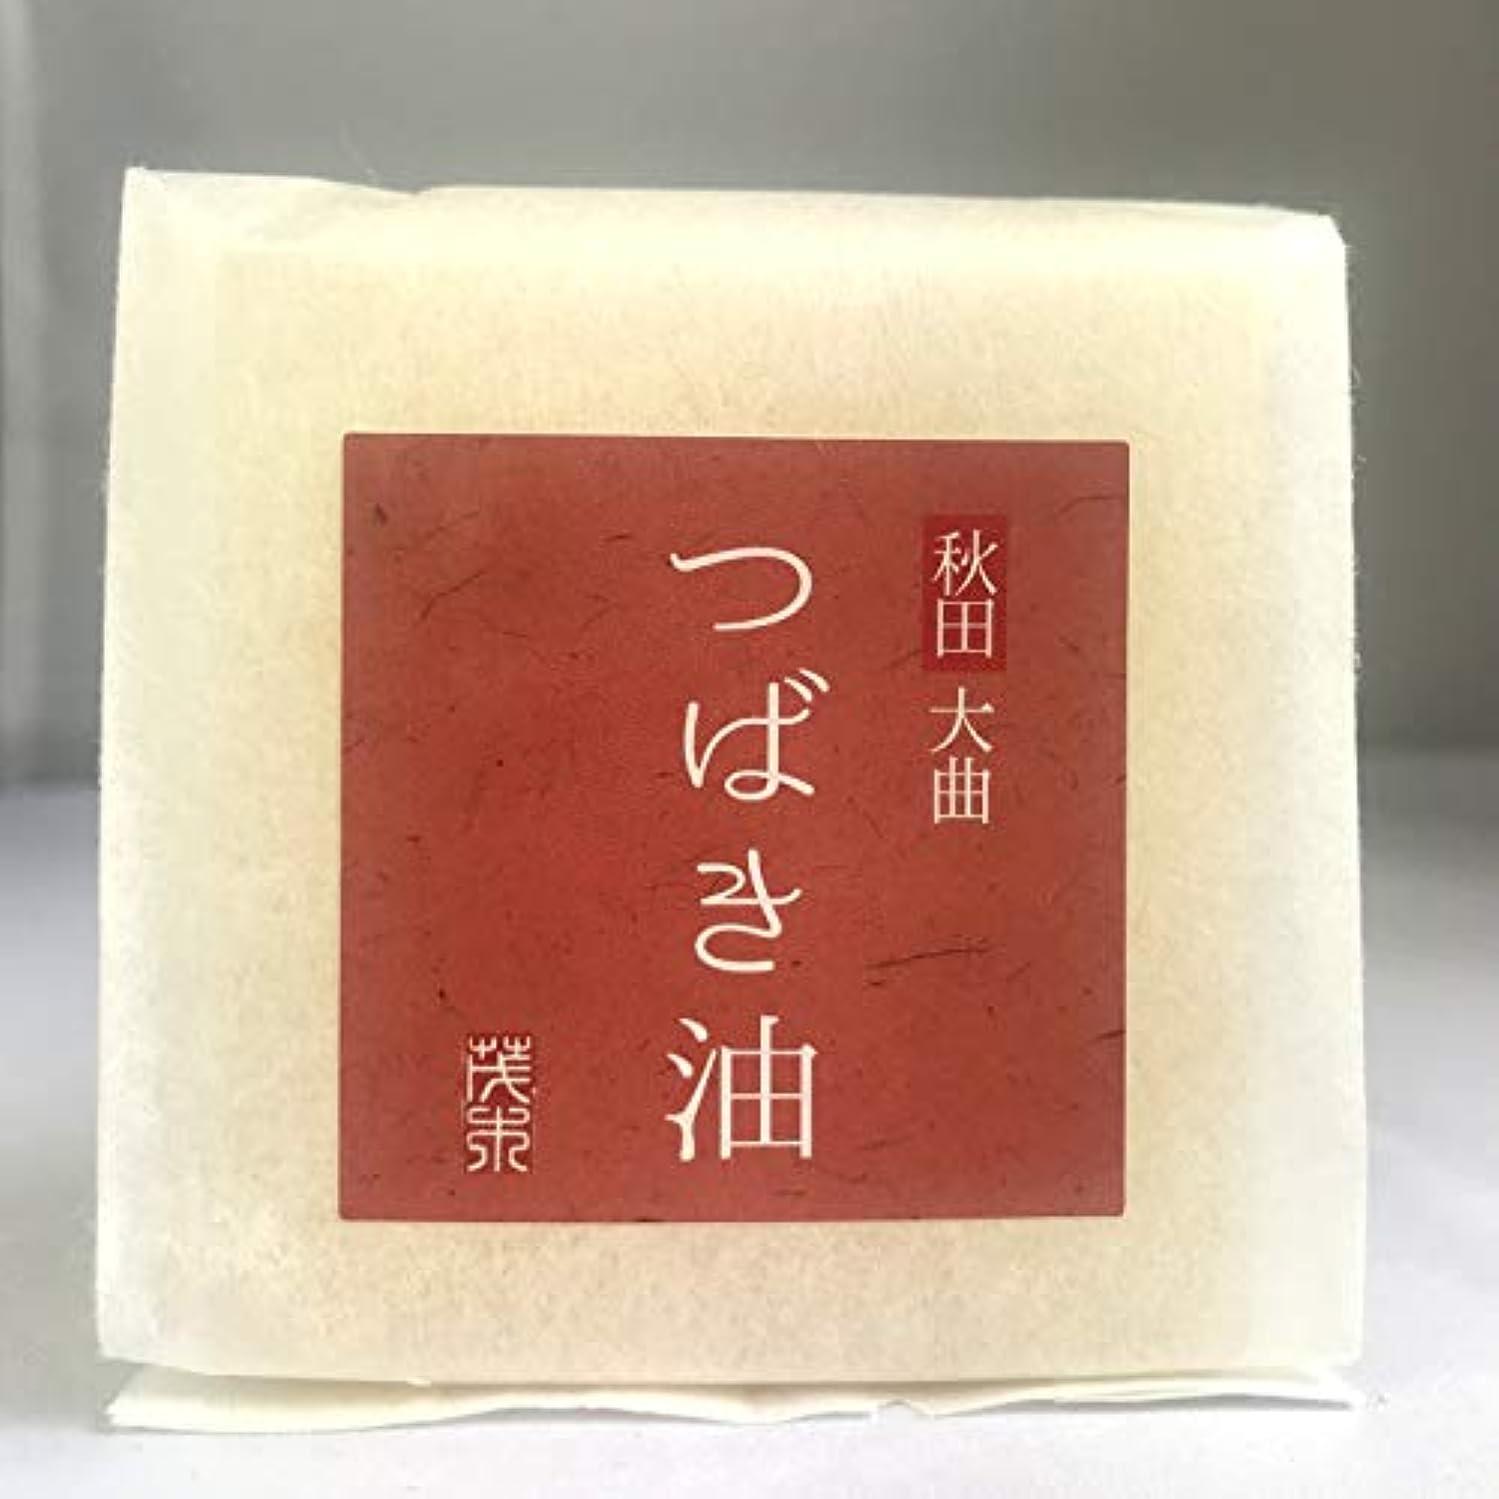 衝撃エントリ統治する無添加石鹸 つばき油石鹸 100g